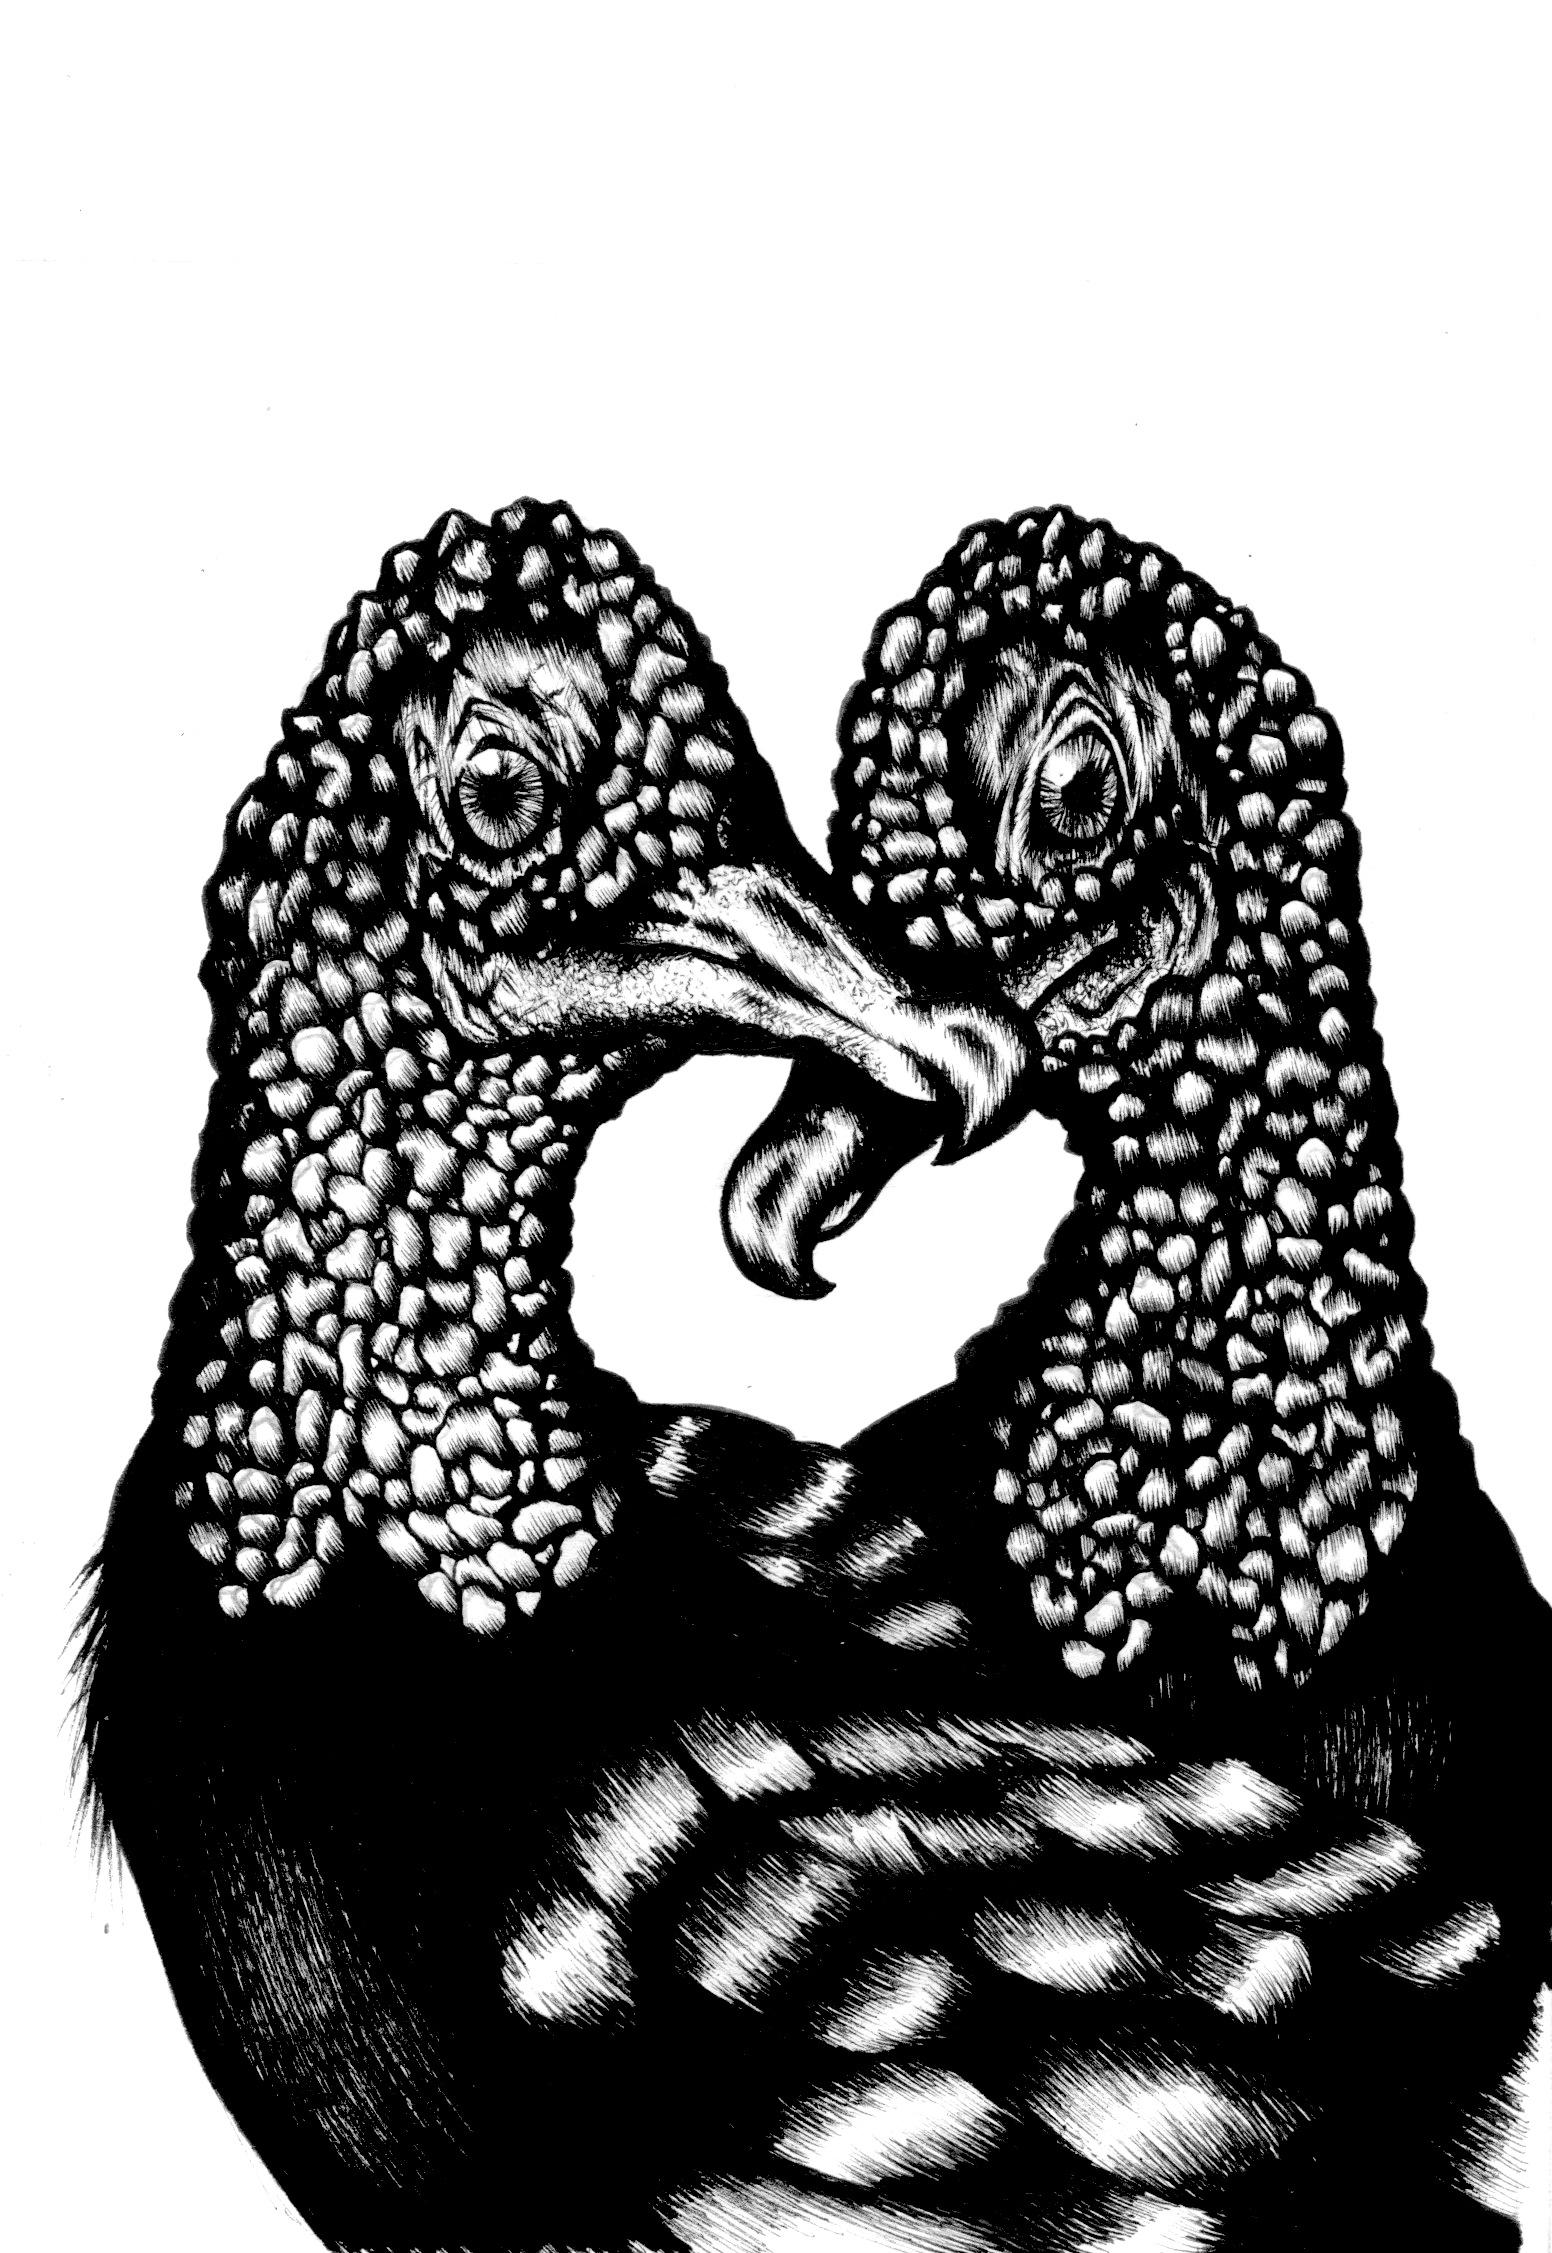 Black Vultures  (2016)  Birds that Stay Together, Forever   Ink